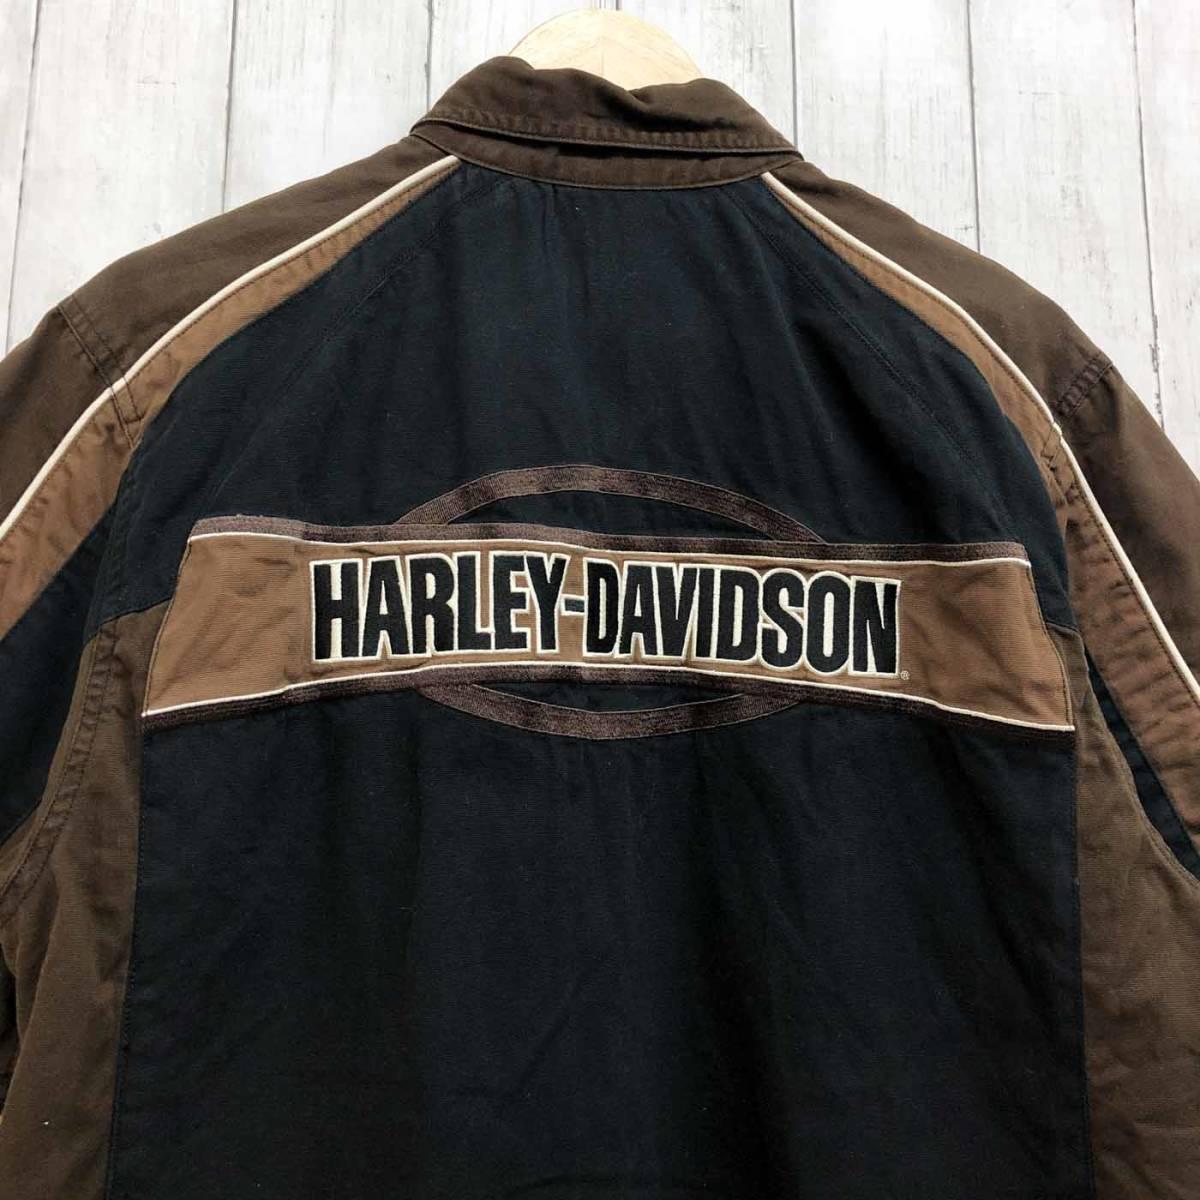 HARLEY DAVIDSON ハーレーダビッドソン 古着 半袖シャツ メンズ コットン100% Mサイズ 9-66_画像8